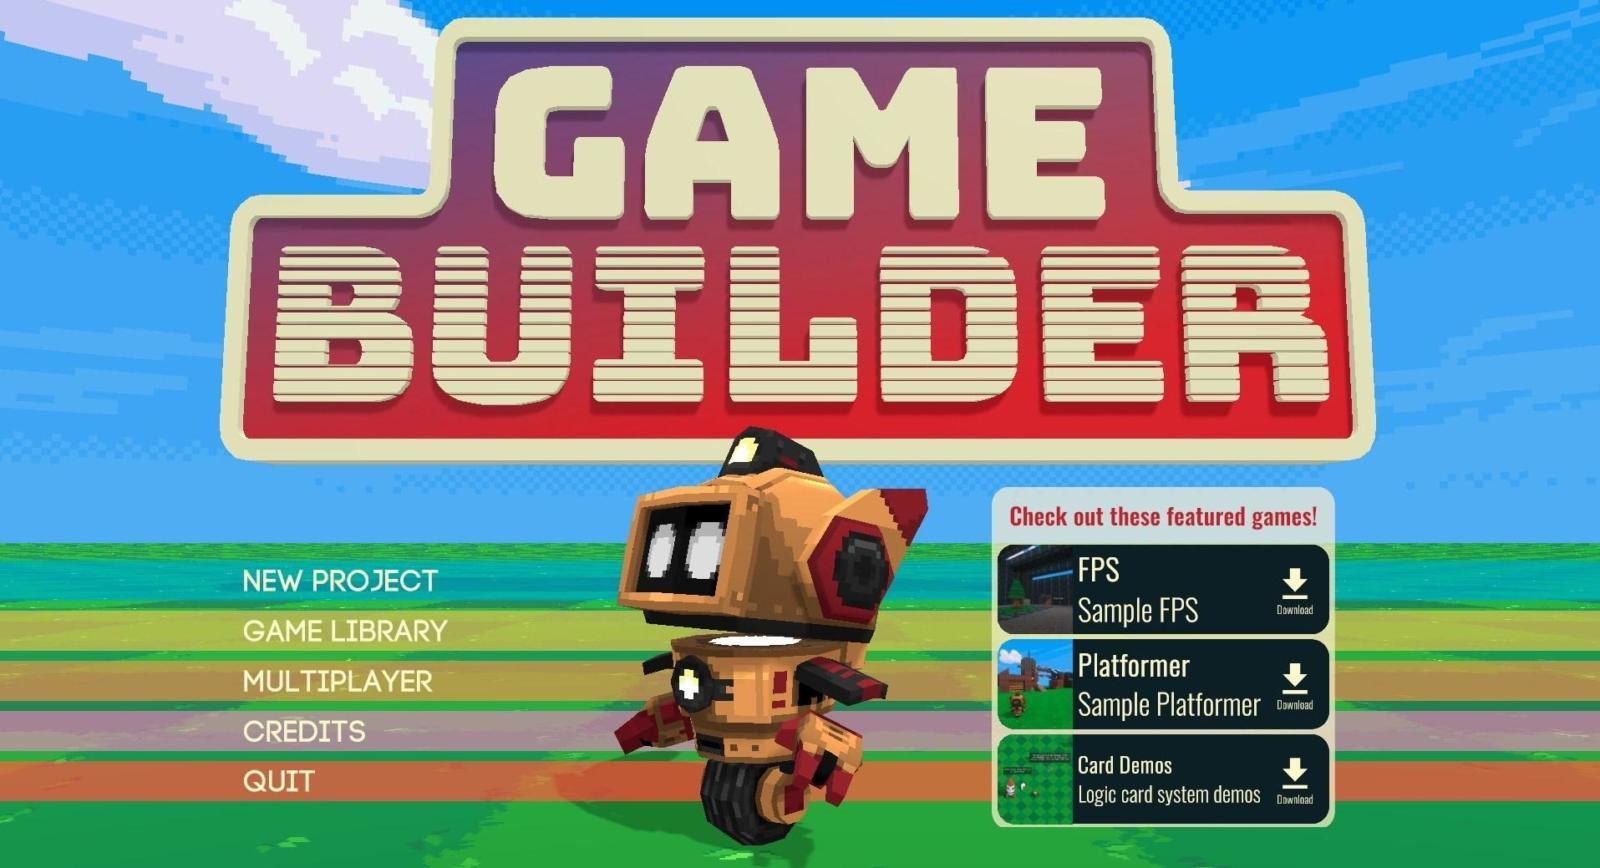 Google представила відеогру, яка допомагає створювати відеоігри